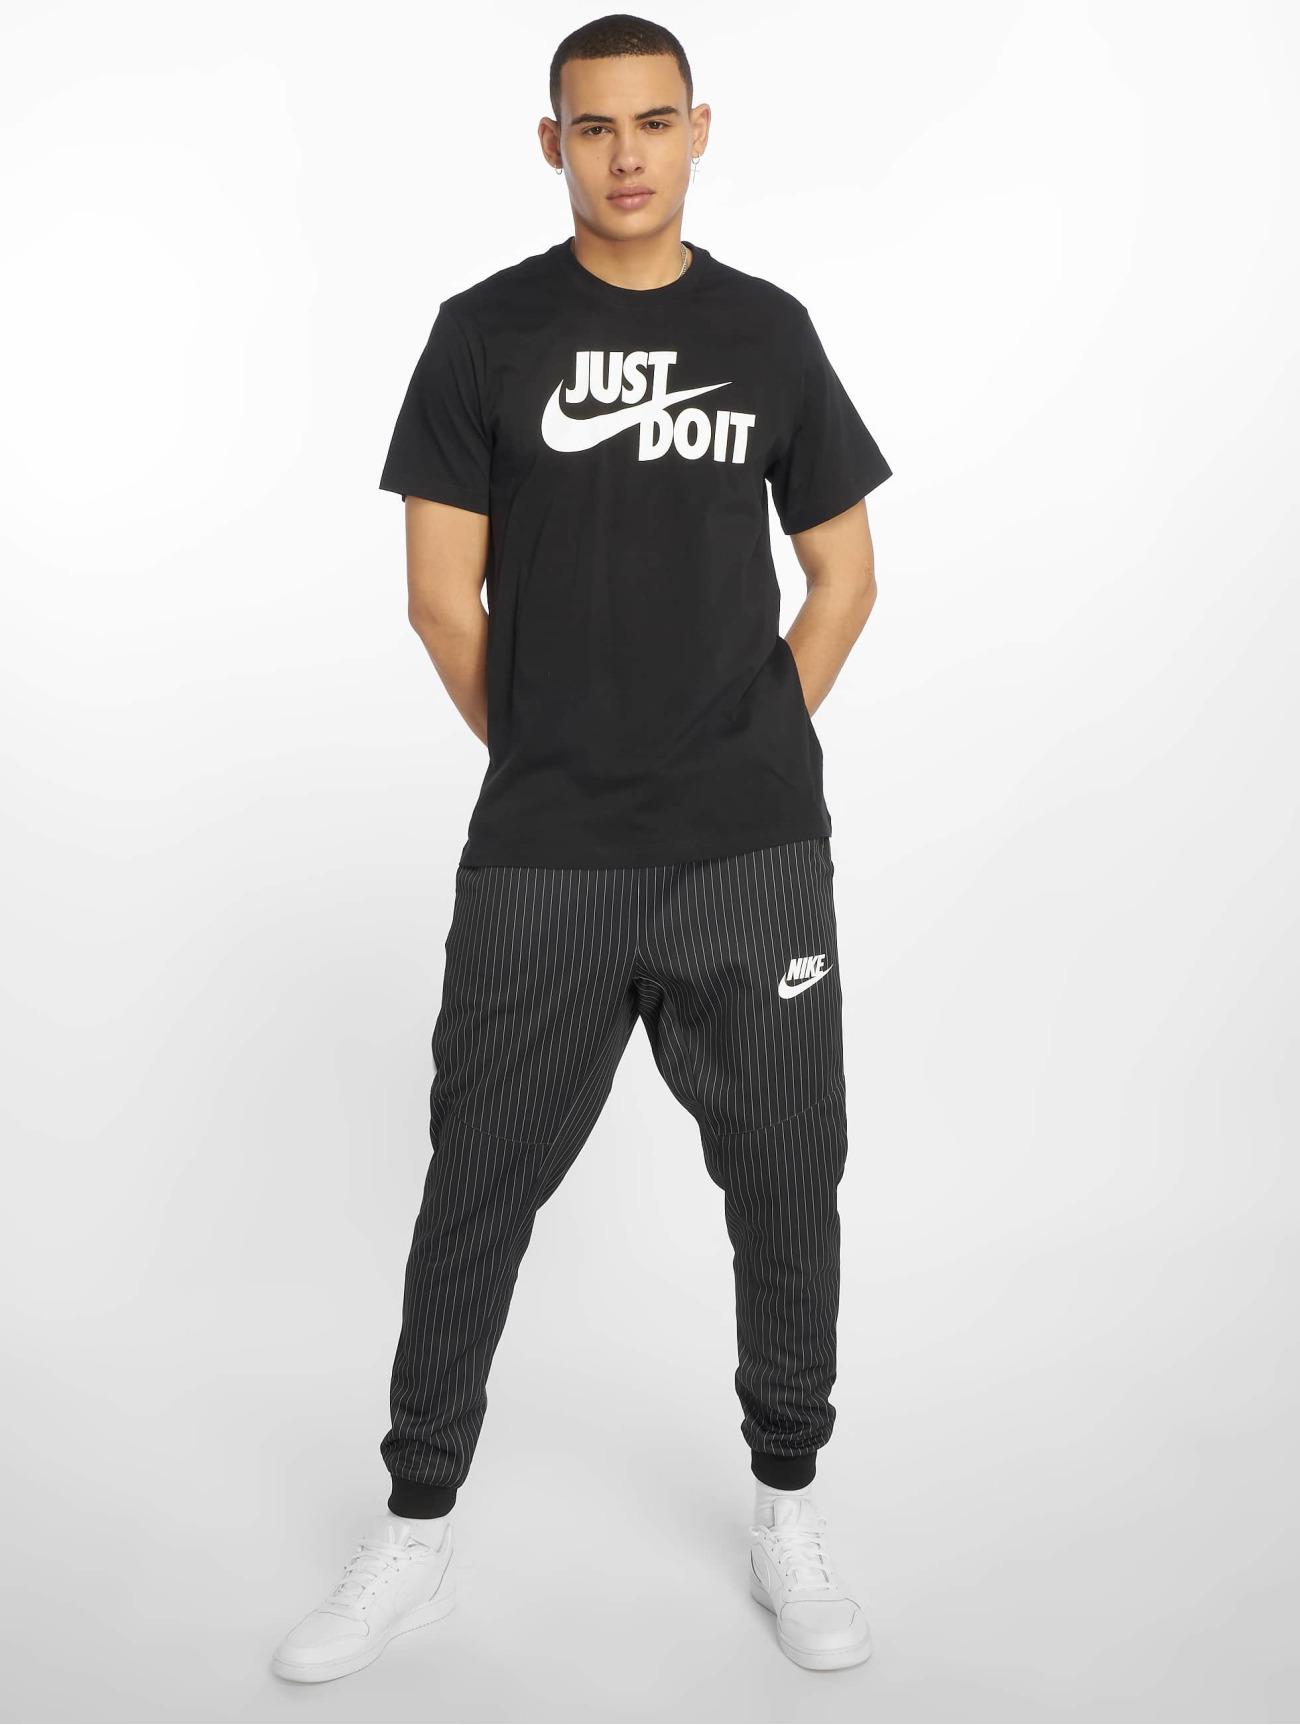 Nike Överdel / T-shirt Just Do It Swoosh i svart 587348 Män Överdelar